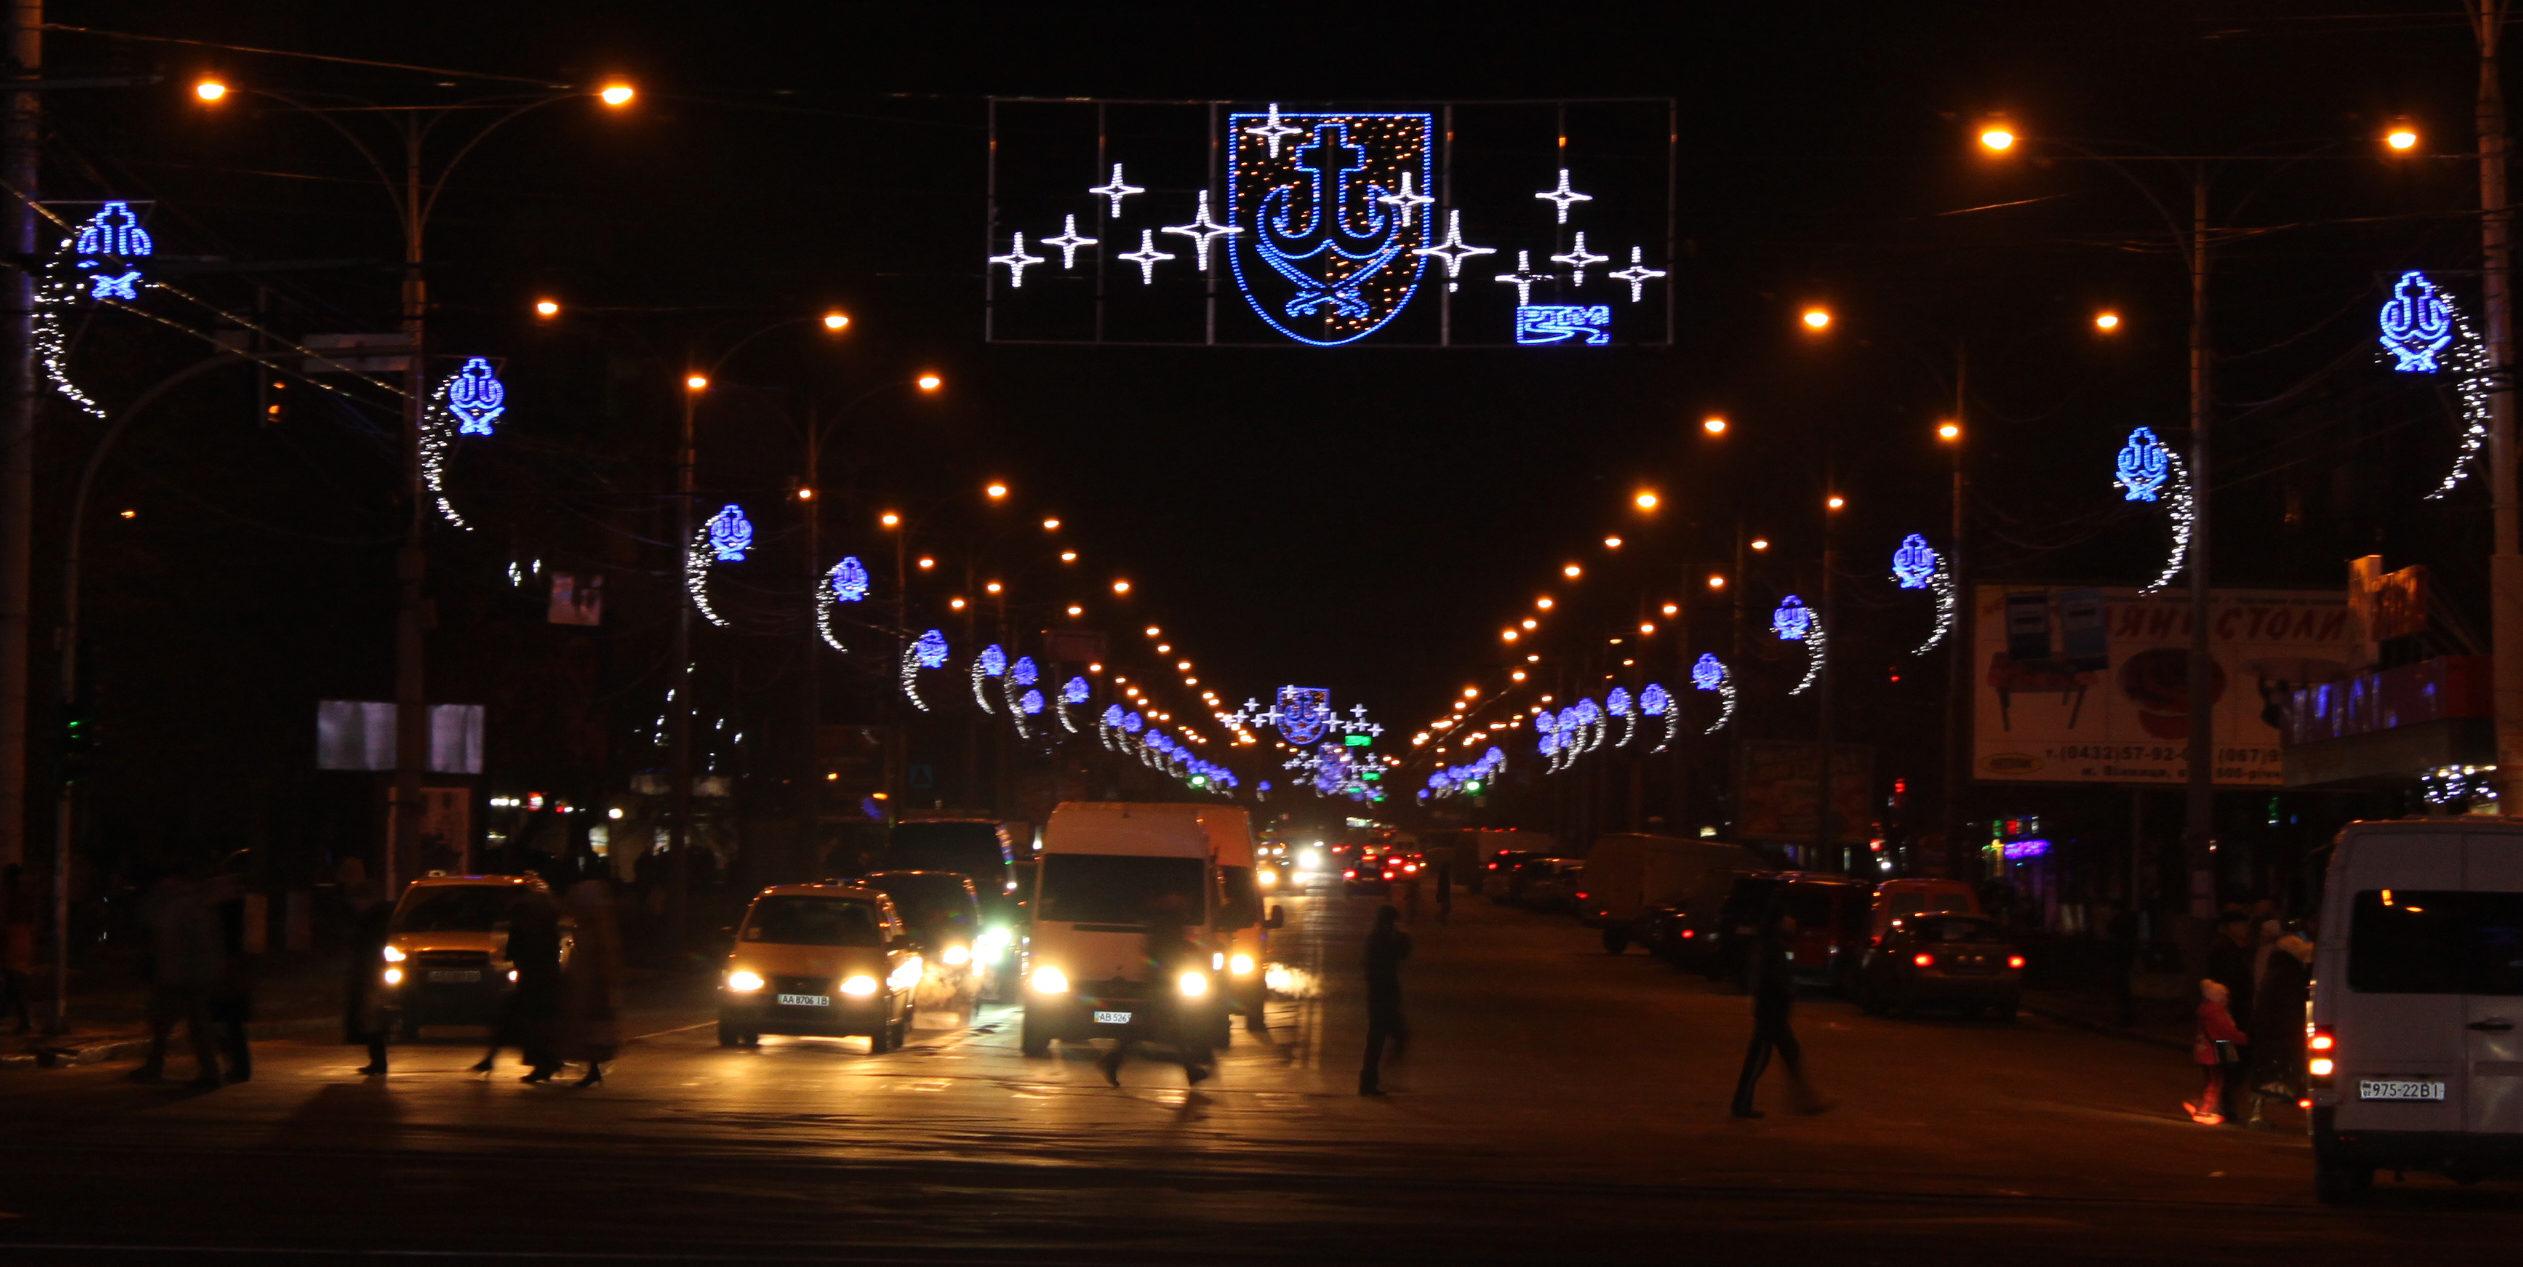 До свят Вінниця засяє кольорами міського прапору: у місті замінять ілюмінацію